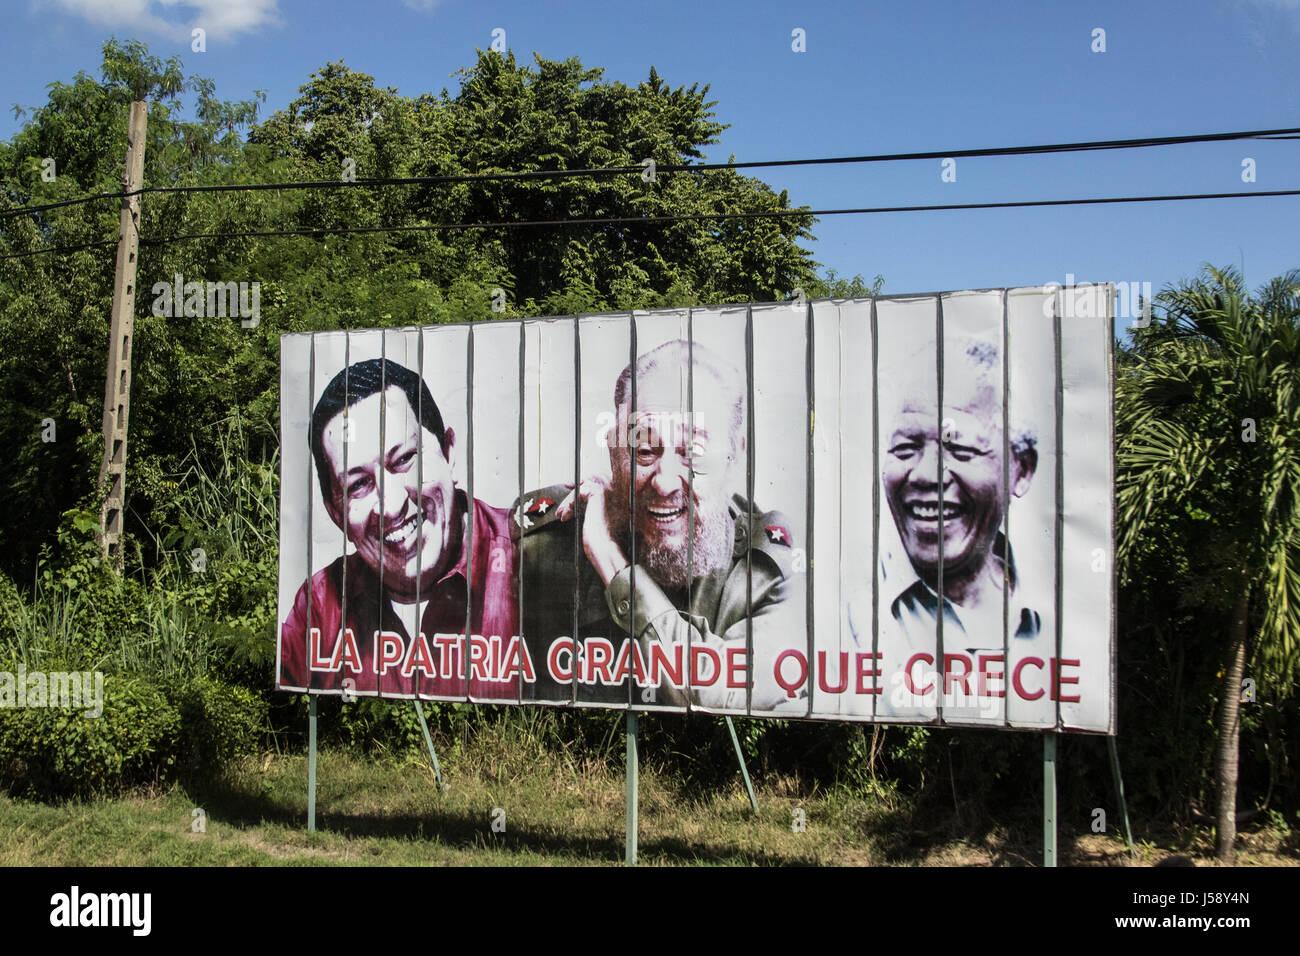 Plakat in Kuba als eine Hommage an Fidel Castro, Mandela und Hugo Chavez Stockbild